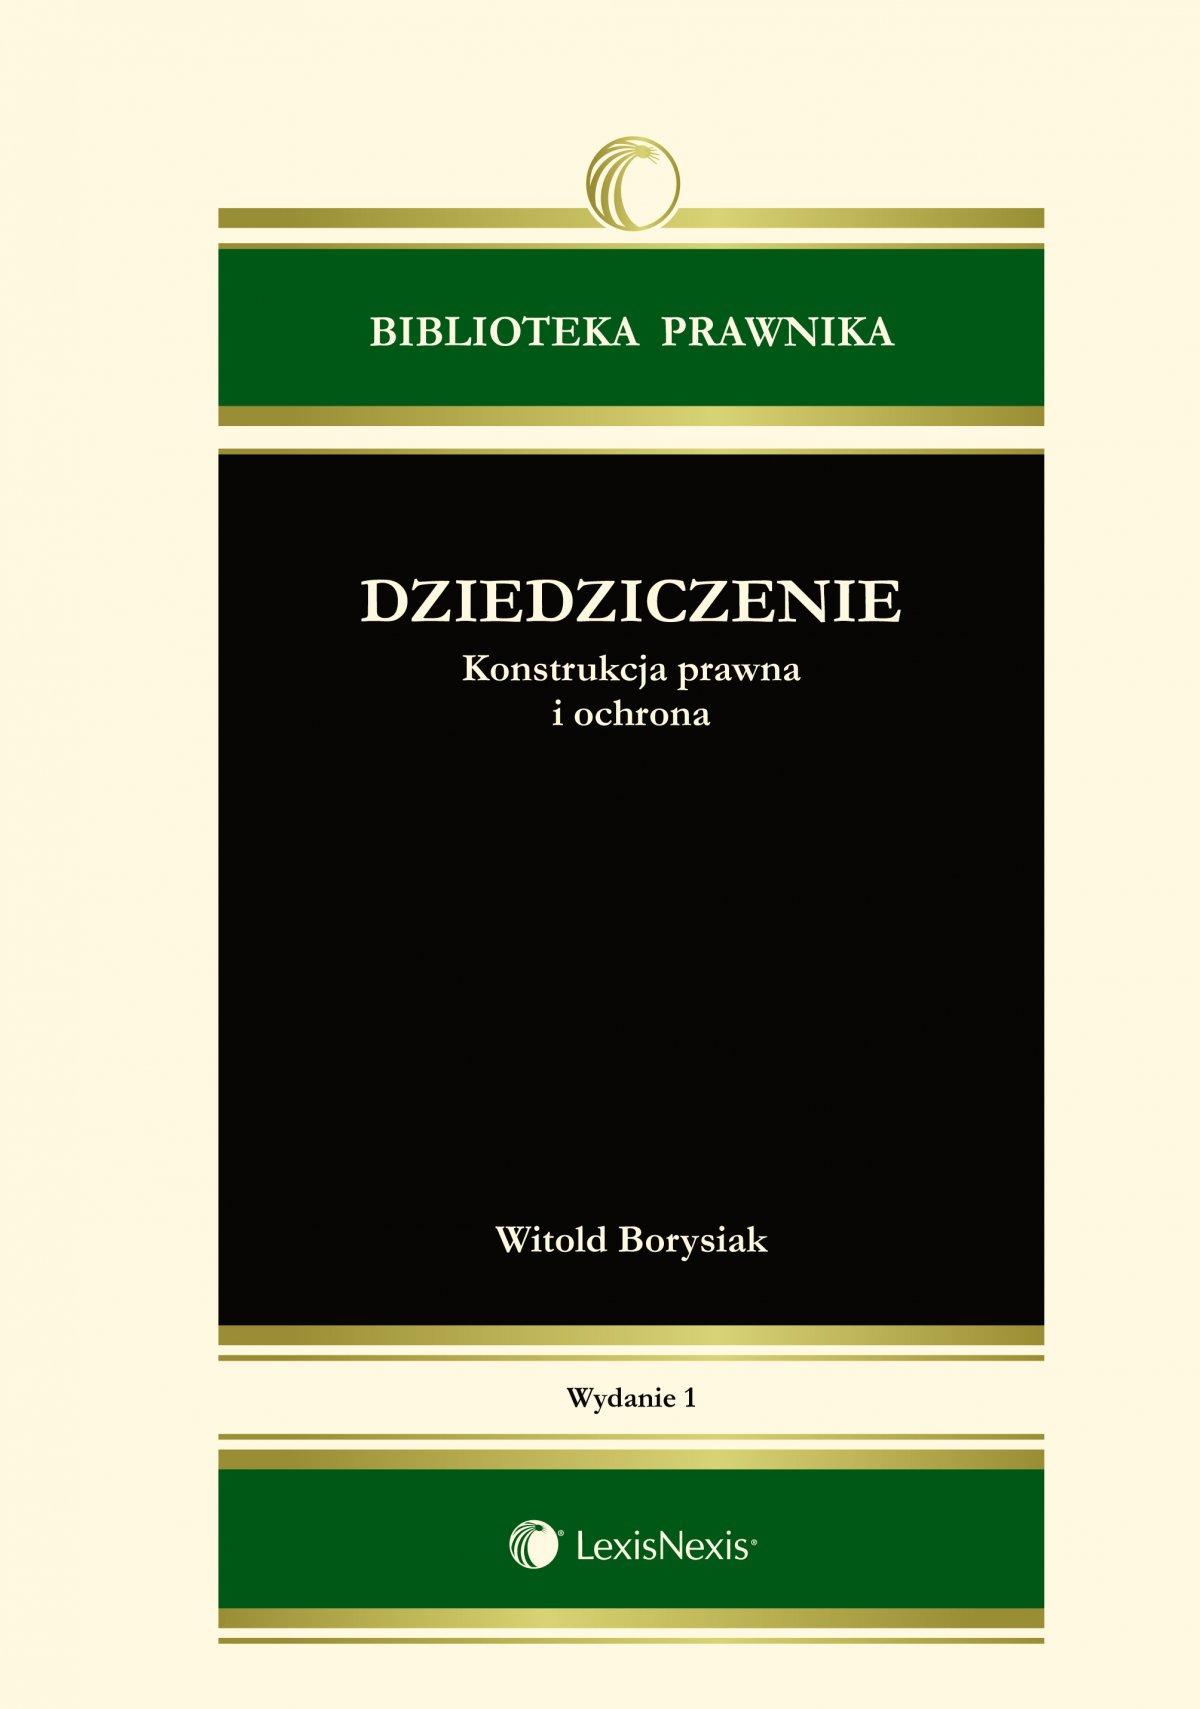 Dziedziczenie. Konstrukcja prawna i ochrona - Ebook (Książka EPUB) do pobrania w formacie EPUB